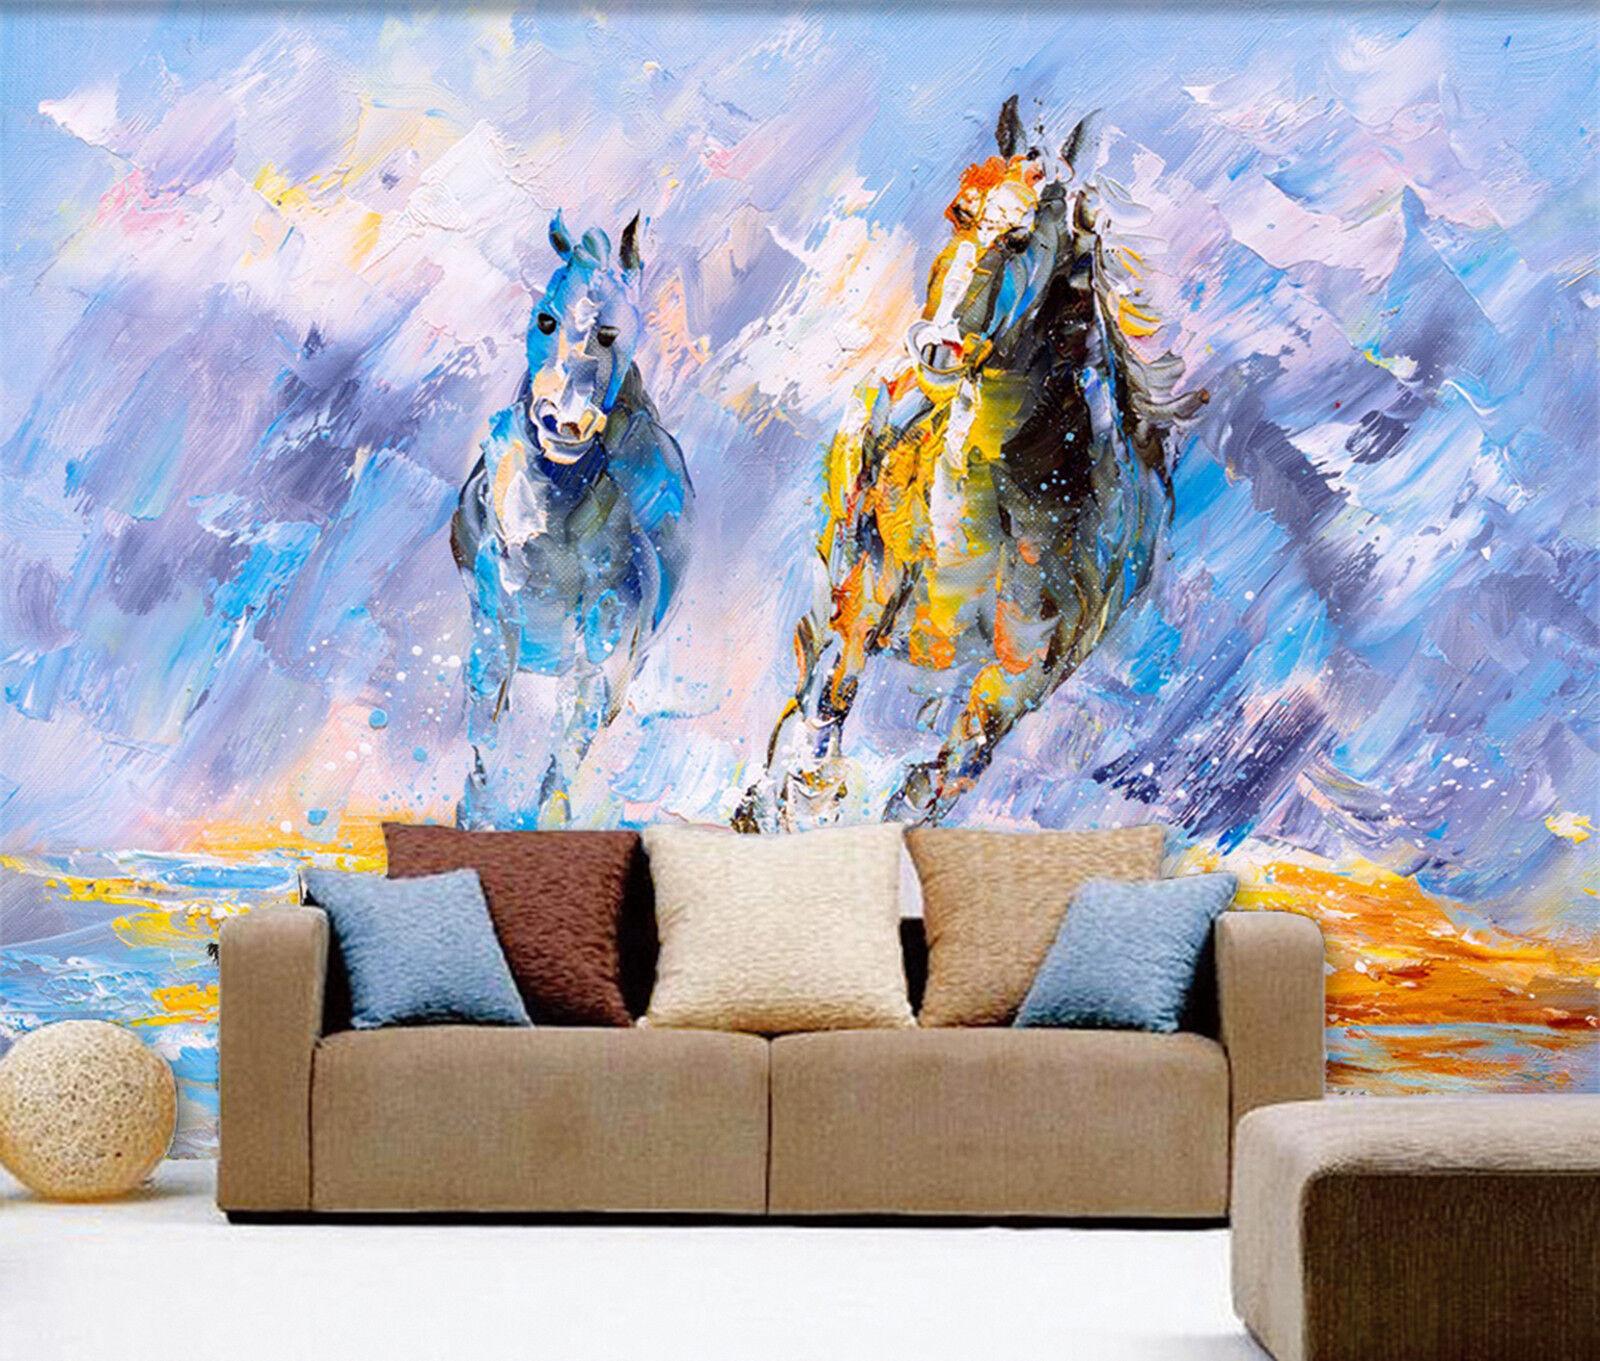 3D Bergspitze Malerei Fototapeten Wandbild Fototapete Bild Tapete Familie